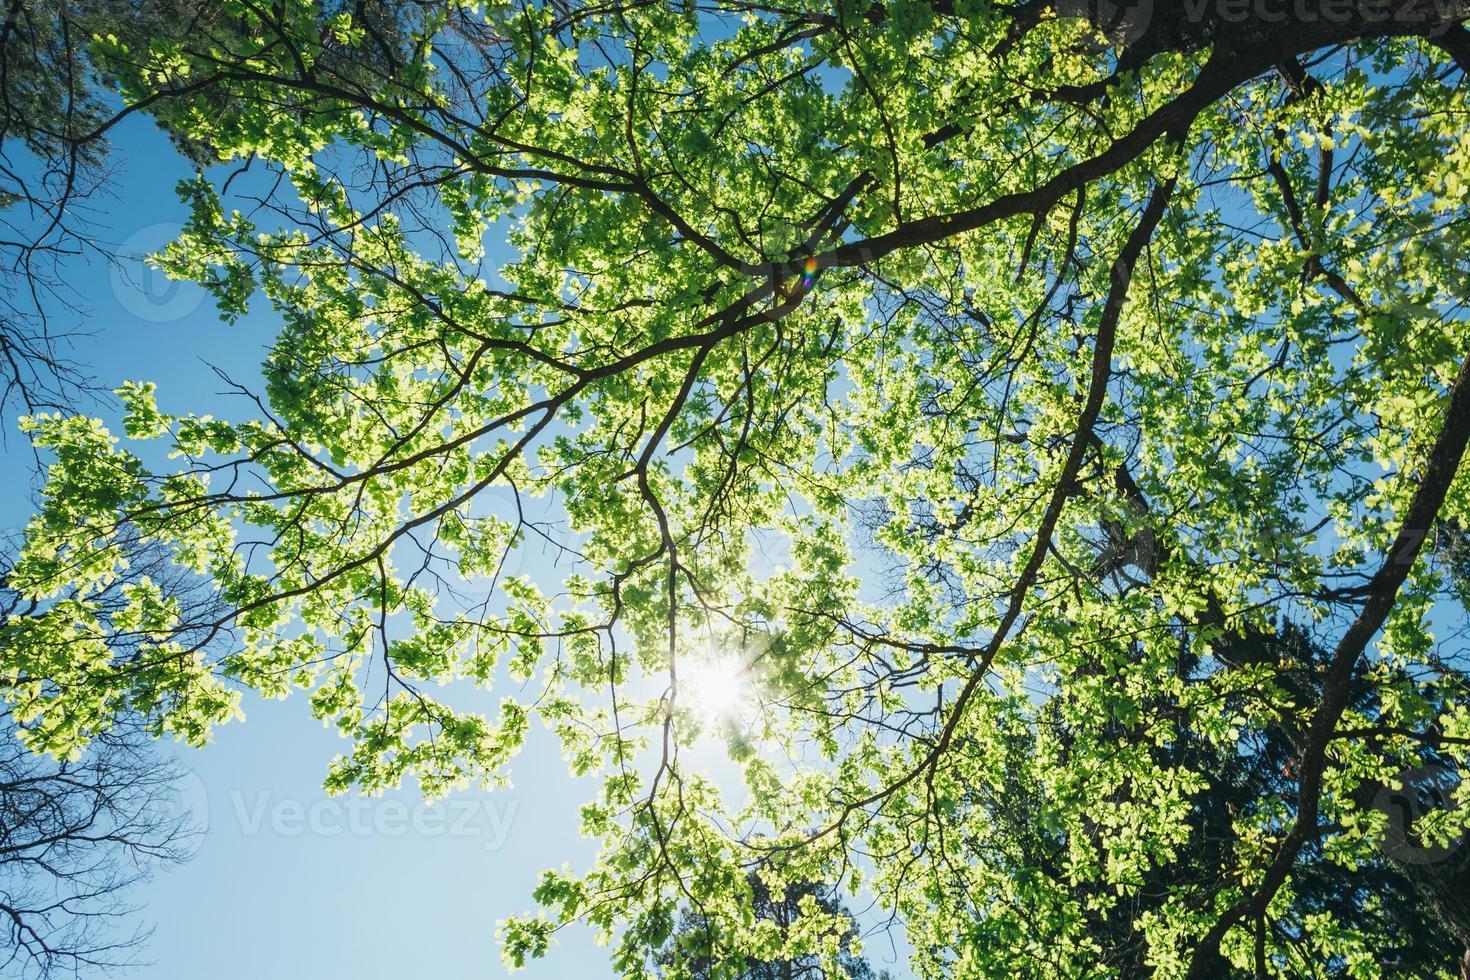 verrière ensoleillée de grands arbres. la lumière du soleil dans la forêt de feuillus, l'été photo